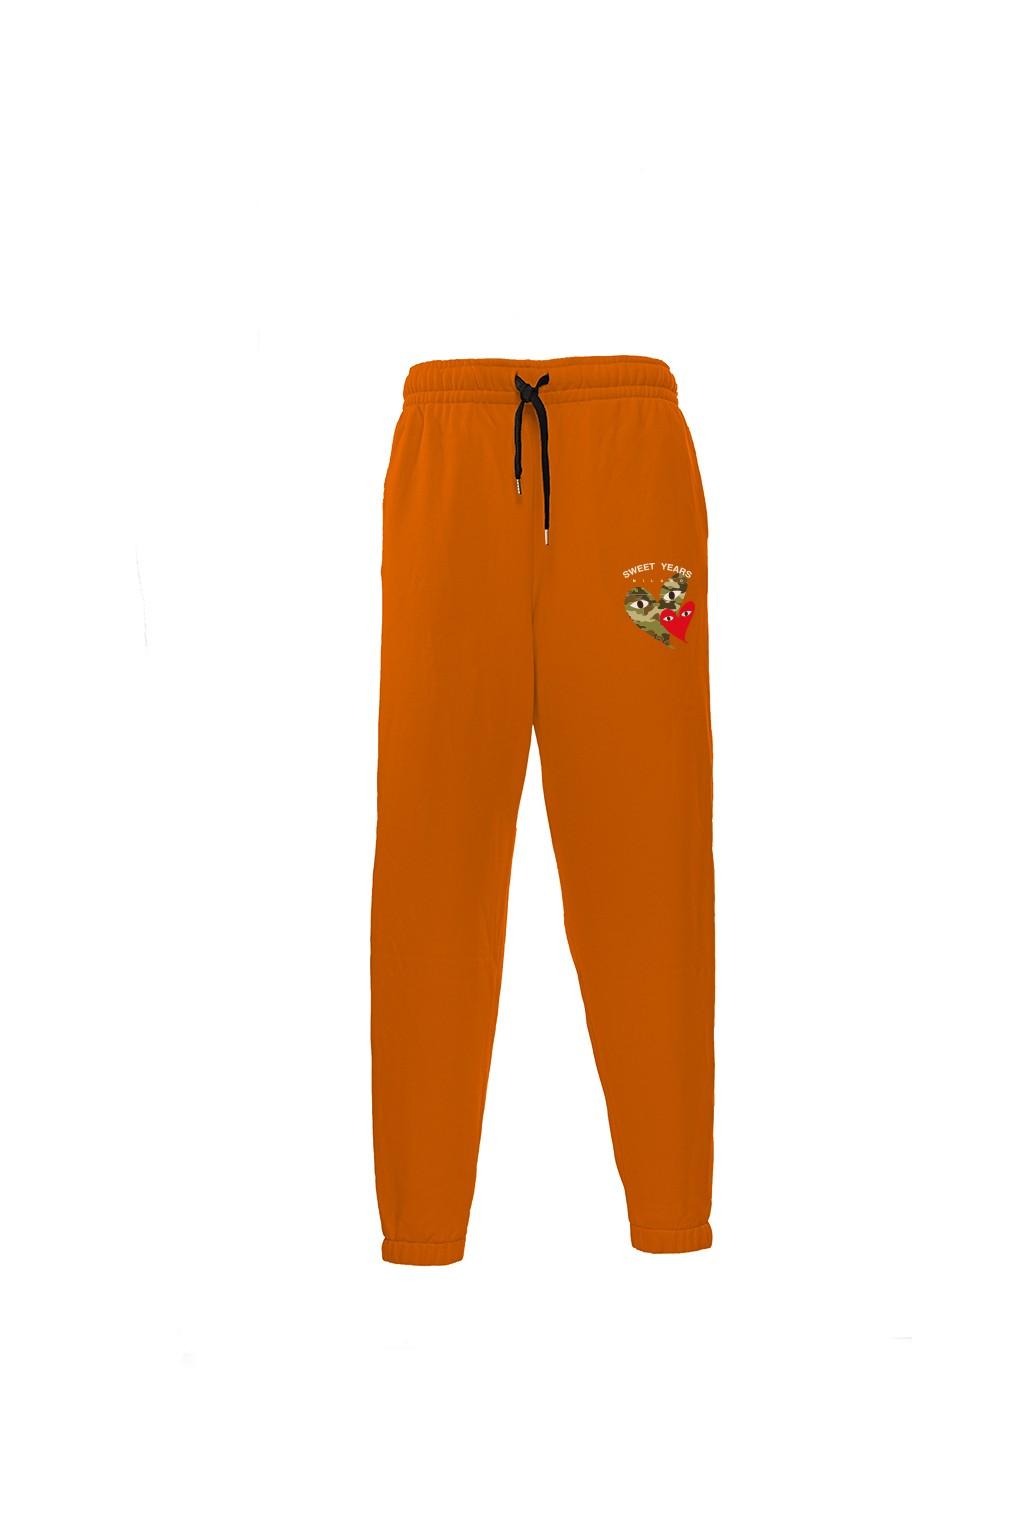 Pantaloni in felpa di cotone arancione con interno garzato Sweet Years Milano con stampa cuori.